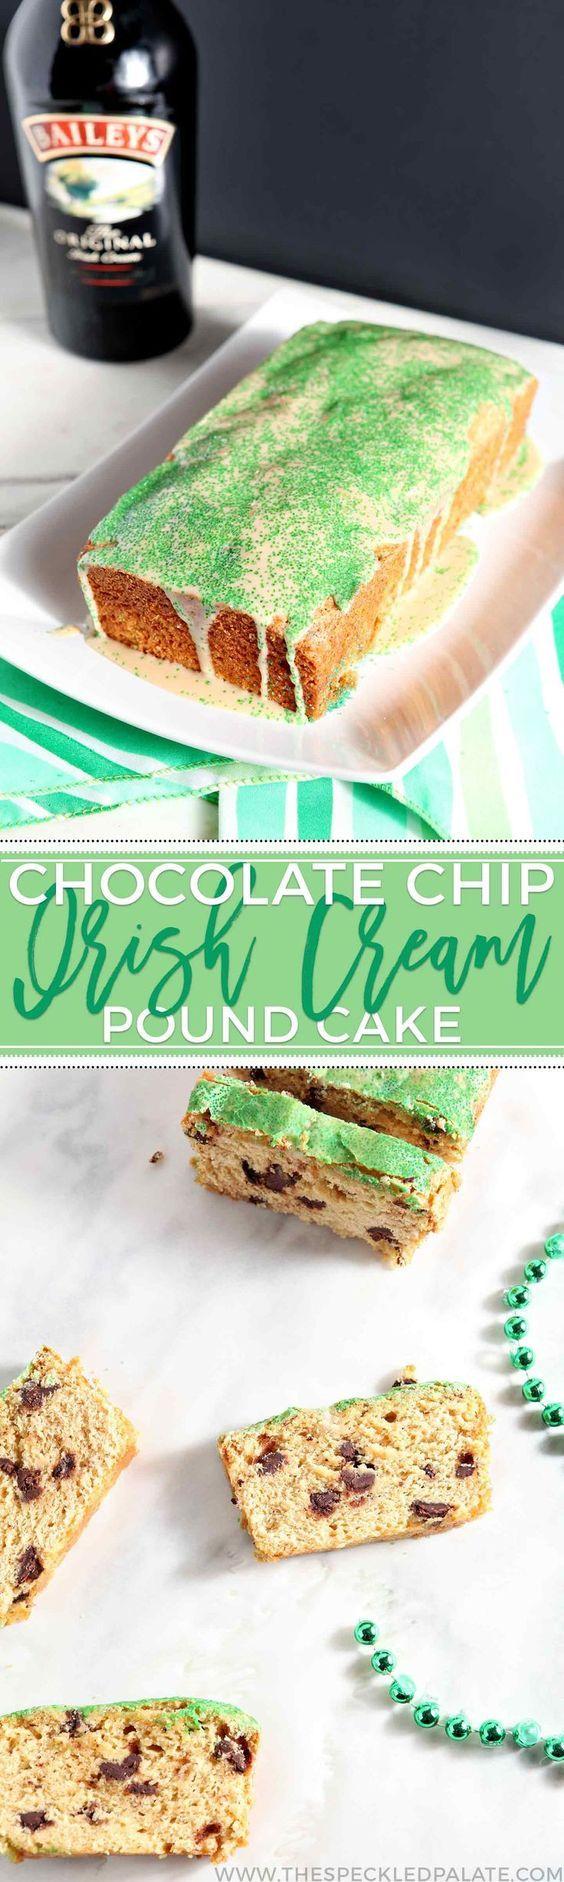 cool Chocolate Chip Irish Cream Pound Cake